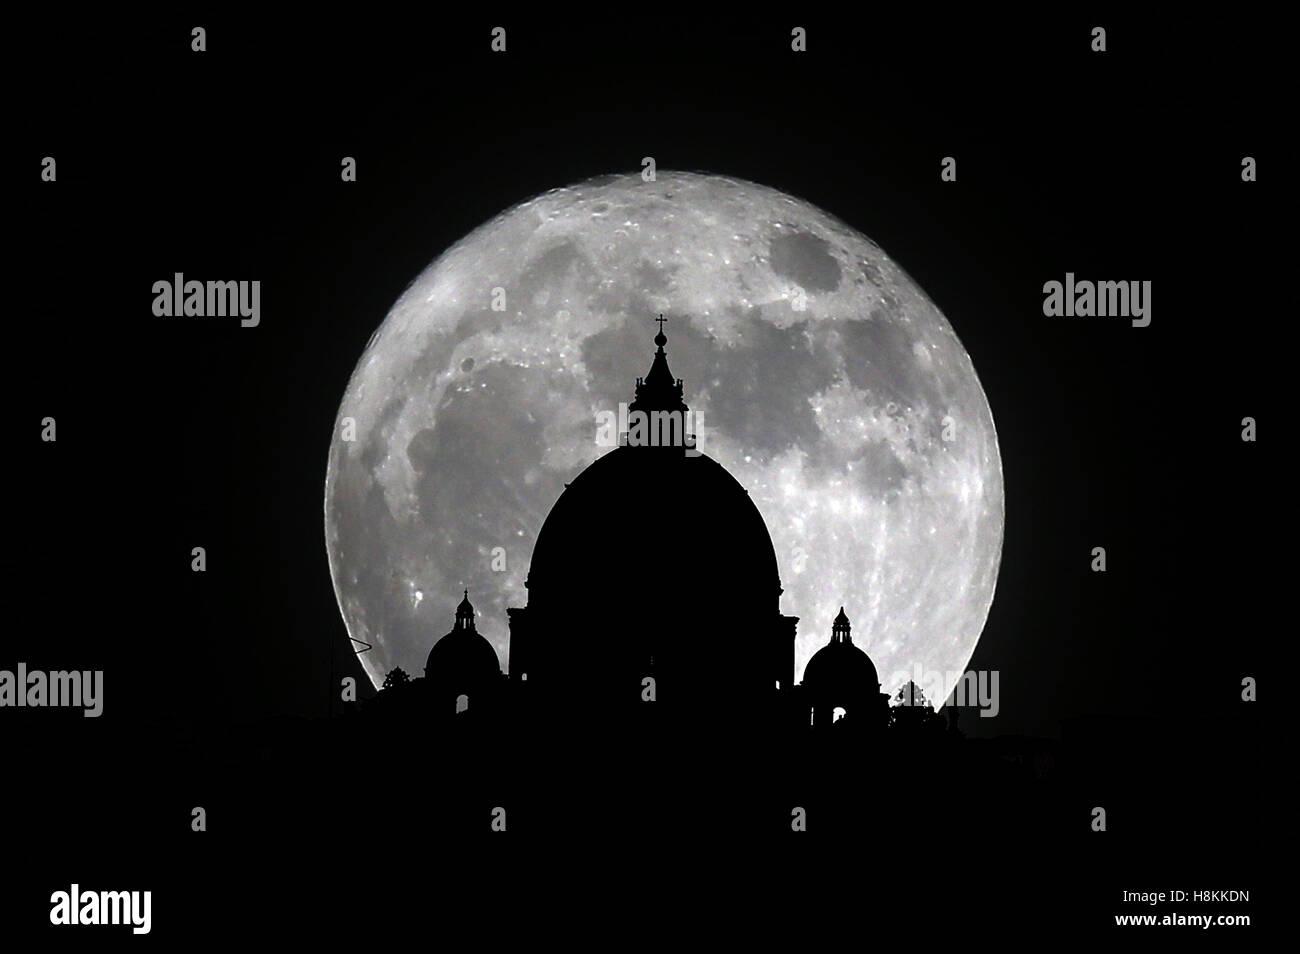 Rome, Italie. 14 novembre 2016:l'incroyable événement astronomique de la super pleine lune, qui est Photo Stock